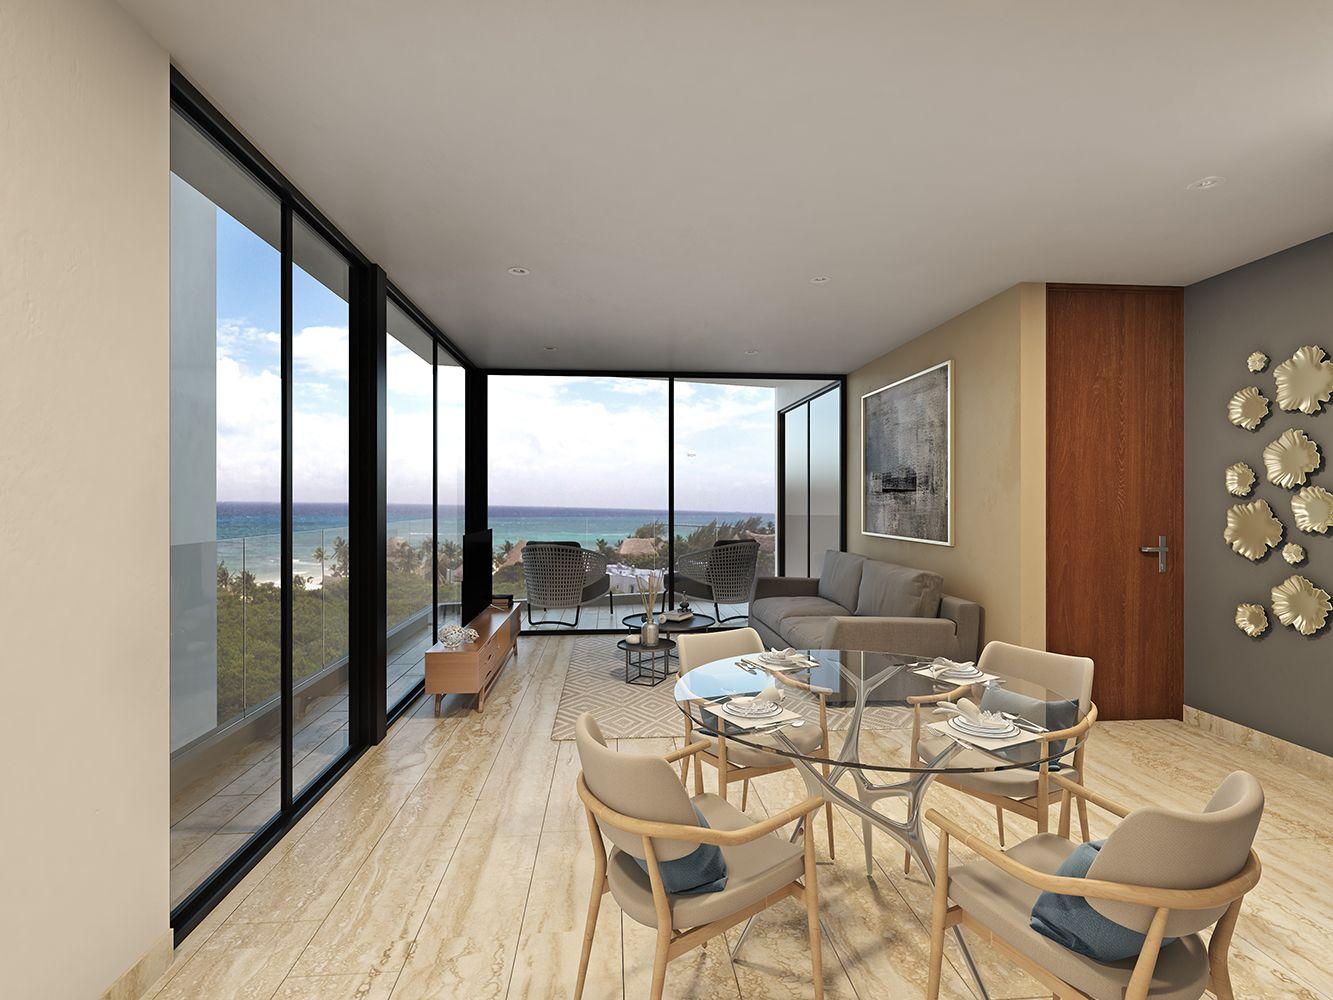 21340 Stunning 2 bedroom condo in the center of Playa del  - Condo